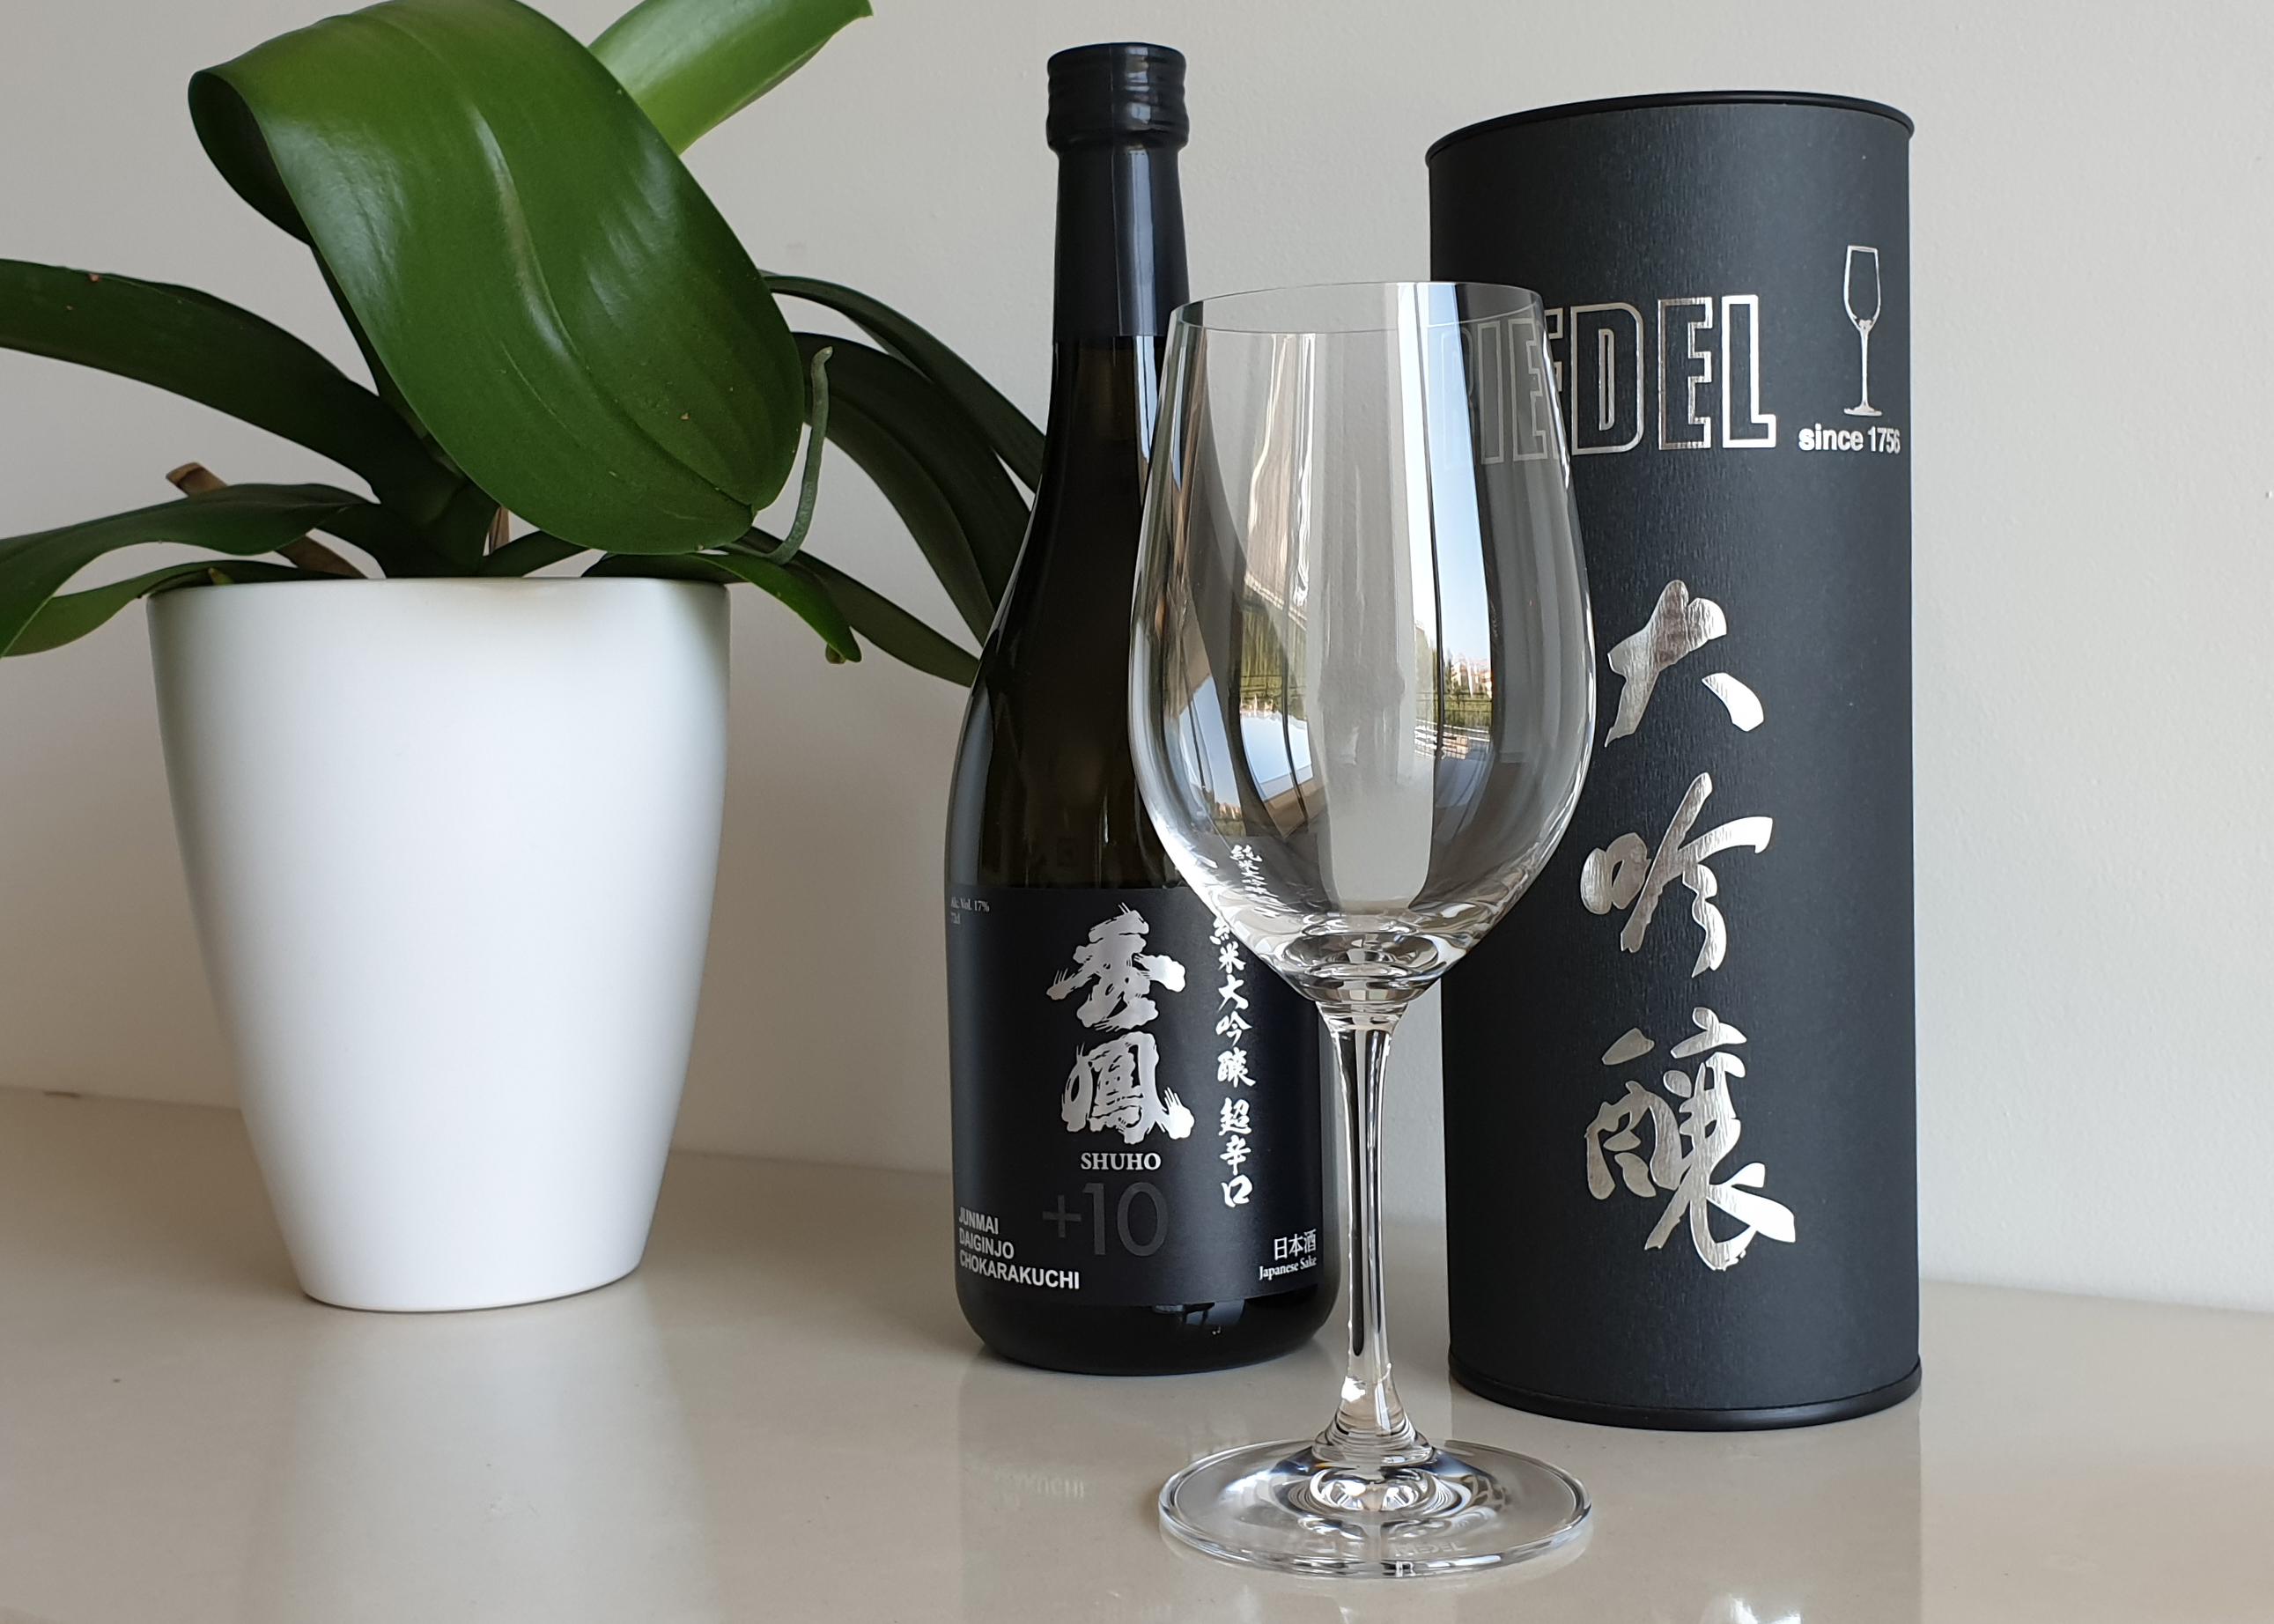 Exemple verre a saké Riedel Vinum Daïginjo et le saké japonais Shuho Daïginjo